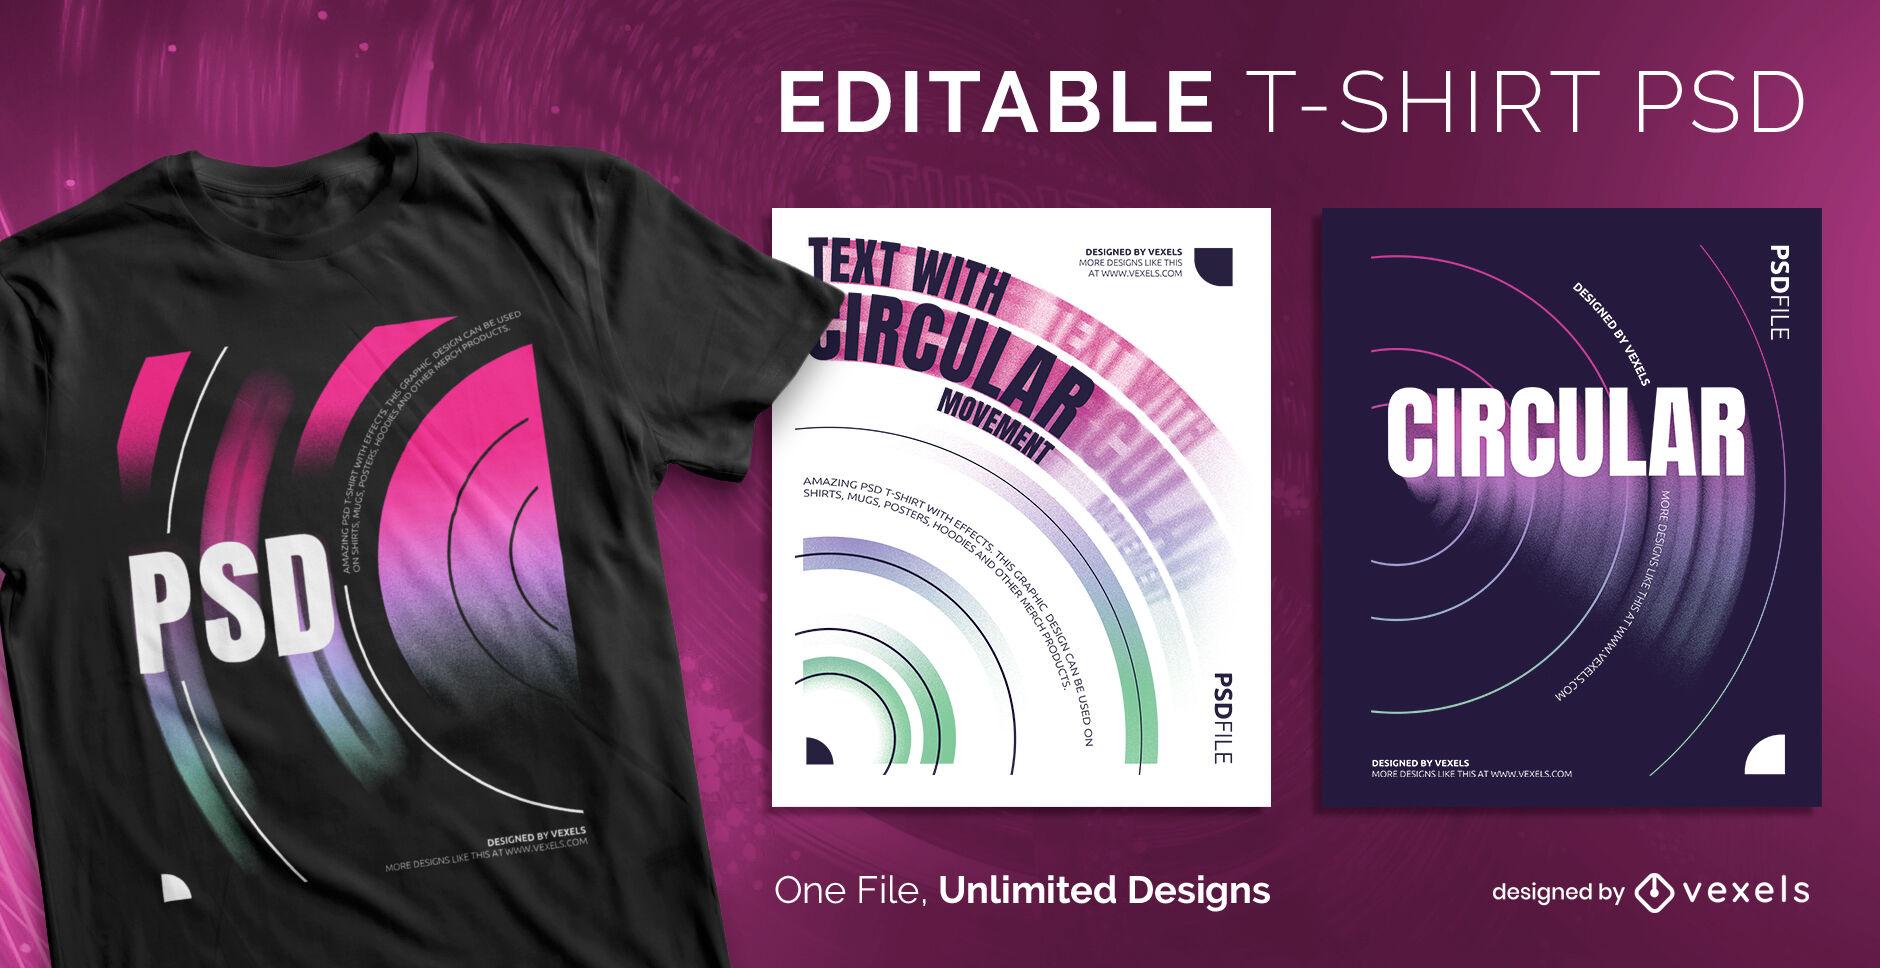 Gradient kreisf?rmiger gebogener Text skalierbare PSD-T-Shirt-Vorlage